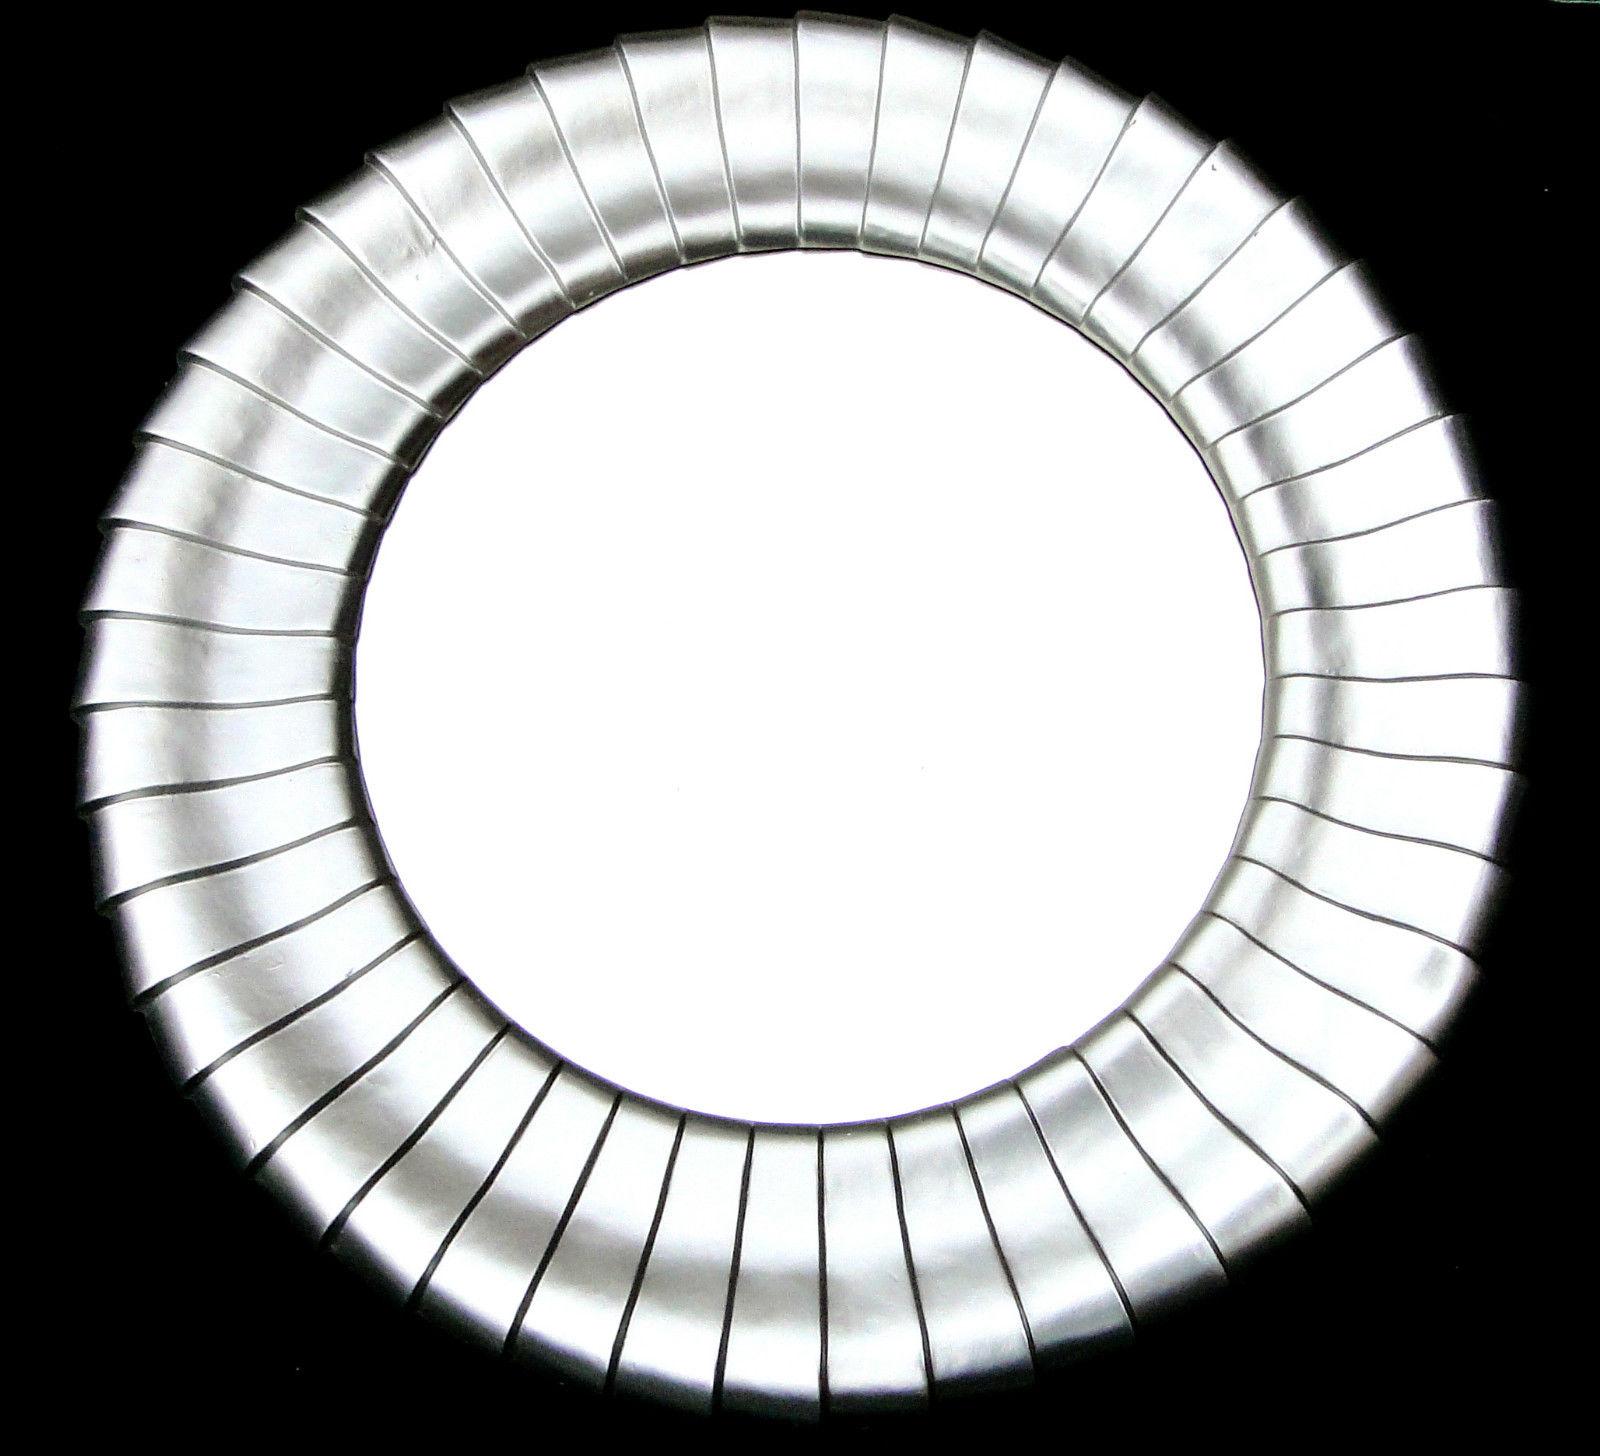 Runde Spiegel wandspiegel runde spiegel ø 79cm silber großer modern badspiegel